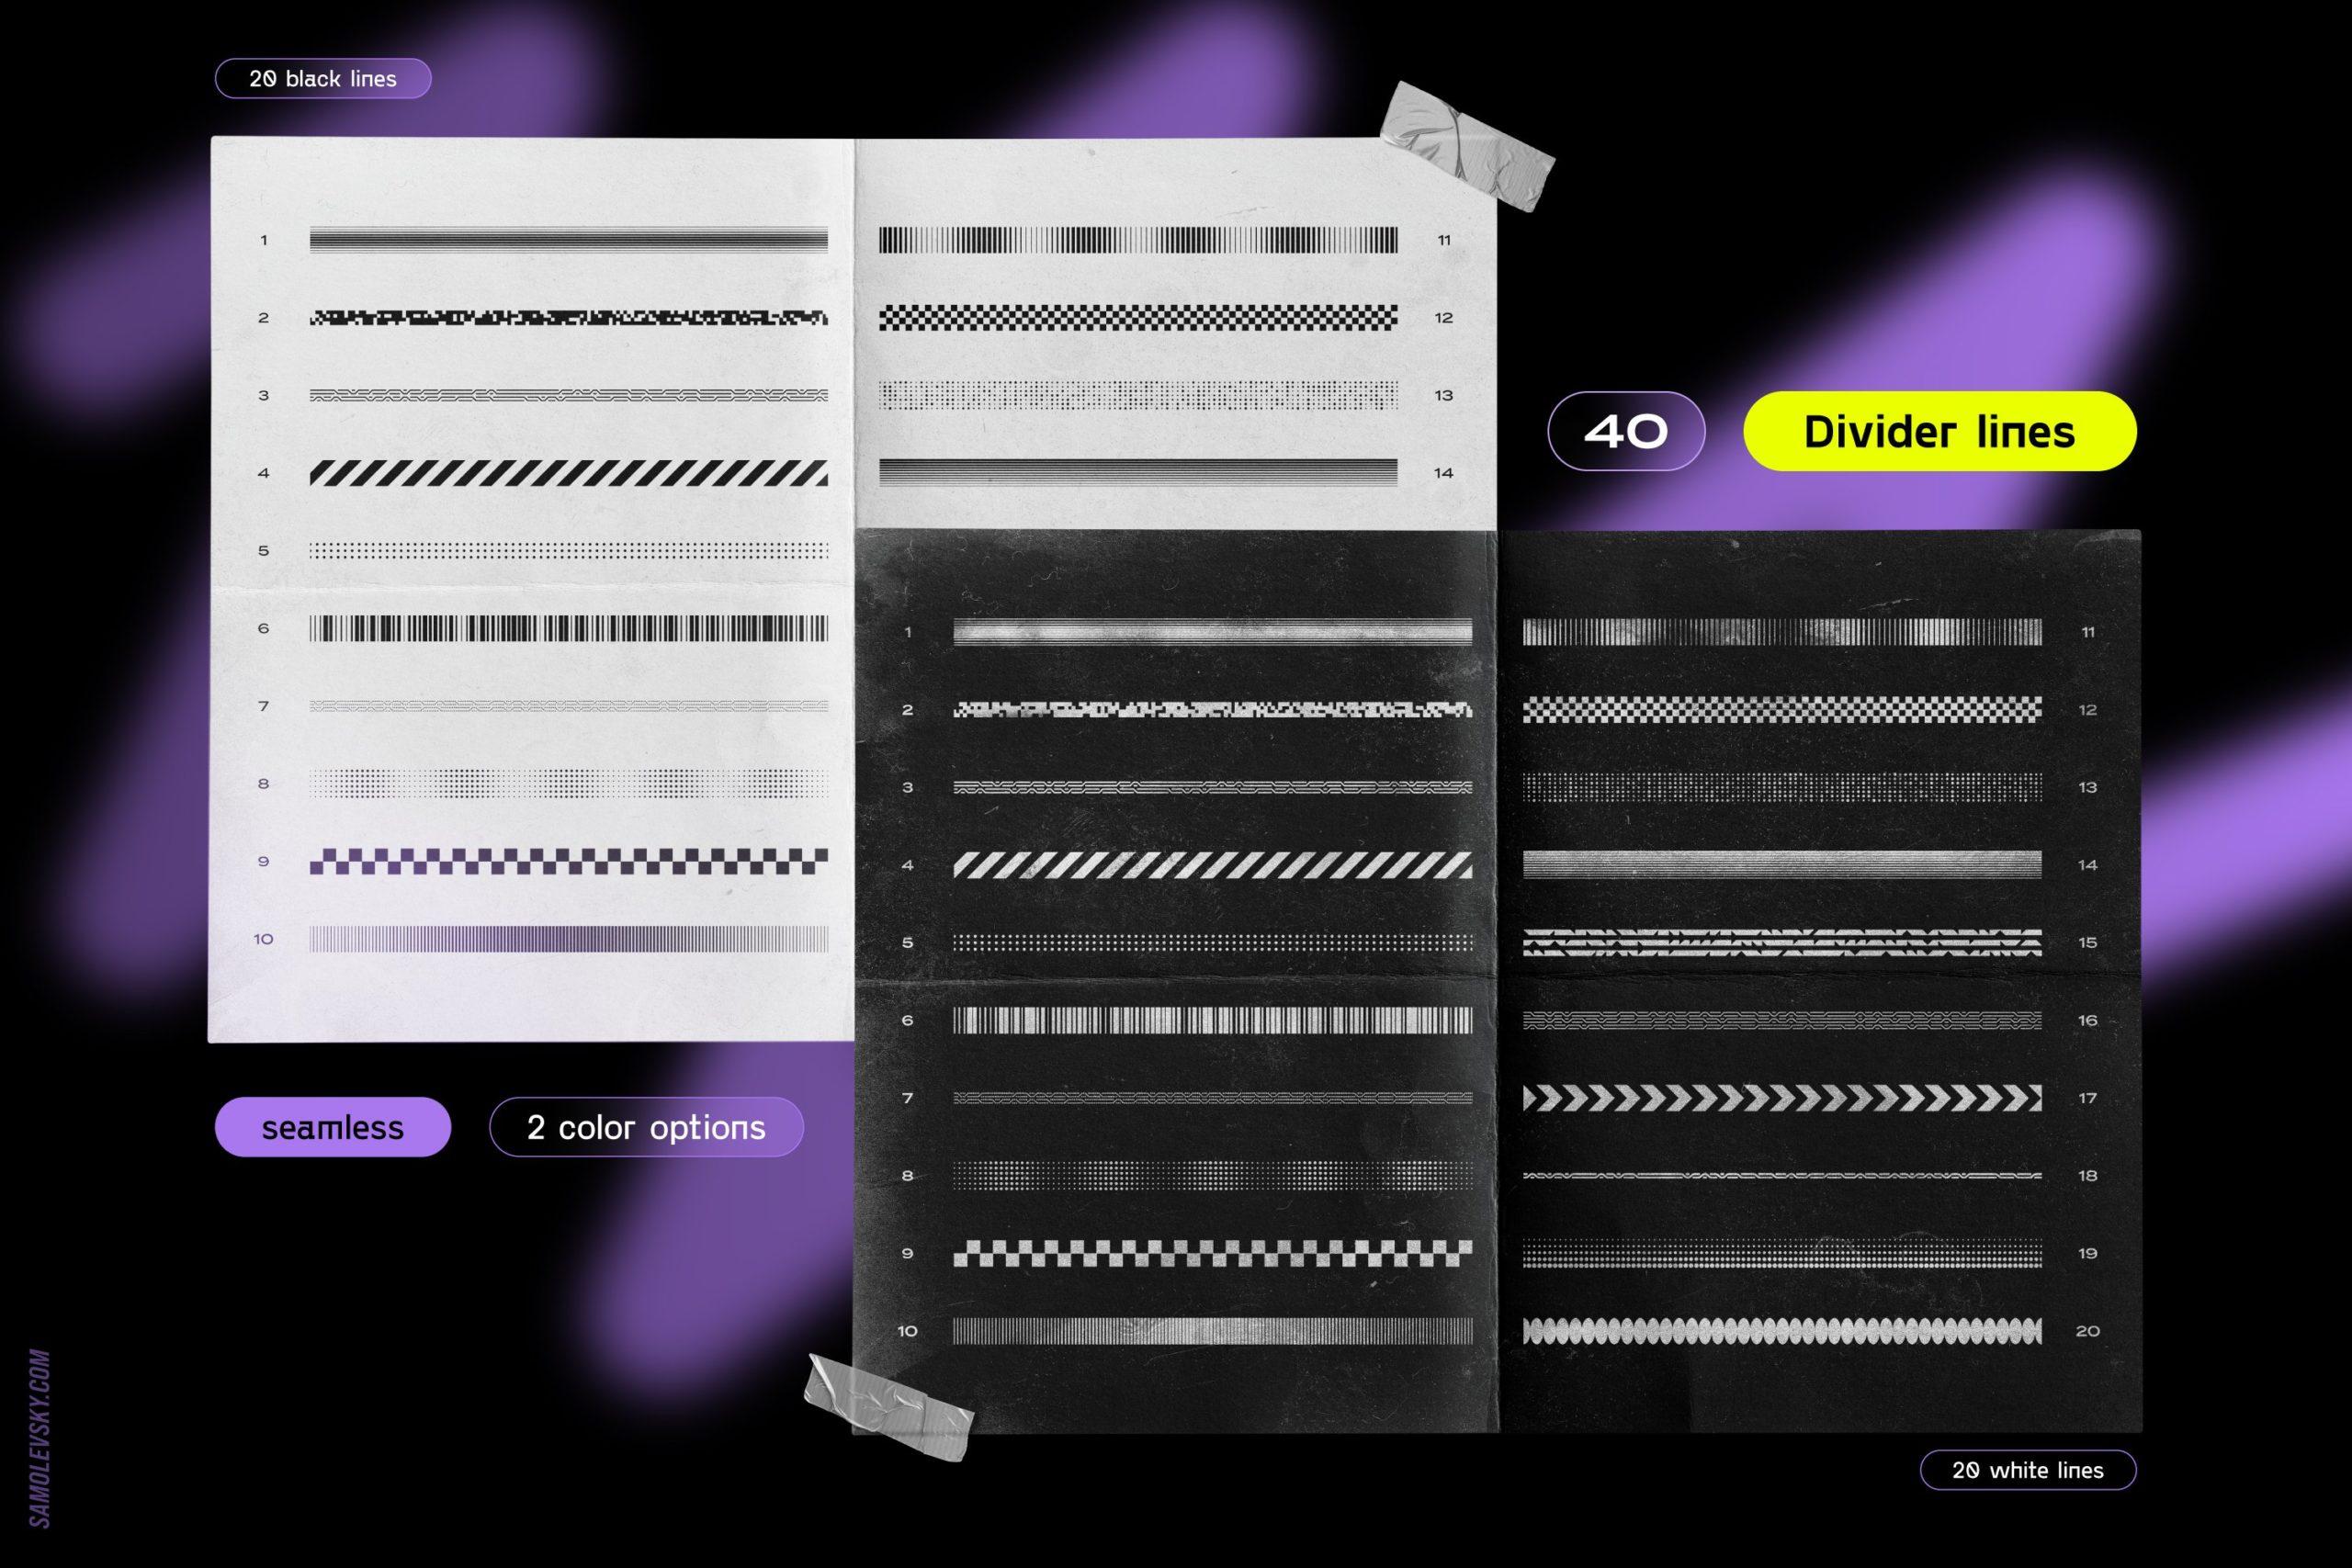 [淘宝购买] 时尚潮流抽象扭曲多边形几何海报设计矢量设计素材 Geometric Shapes For Poster Design插图3